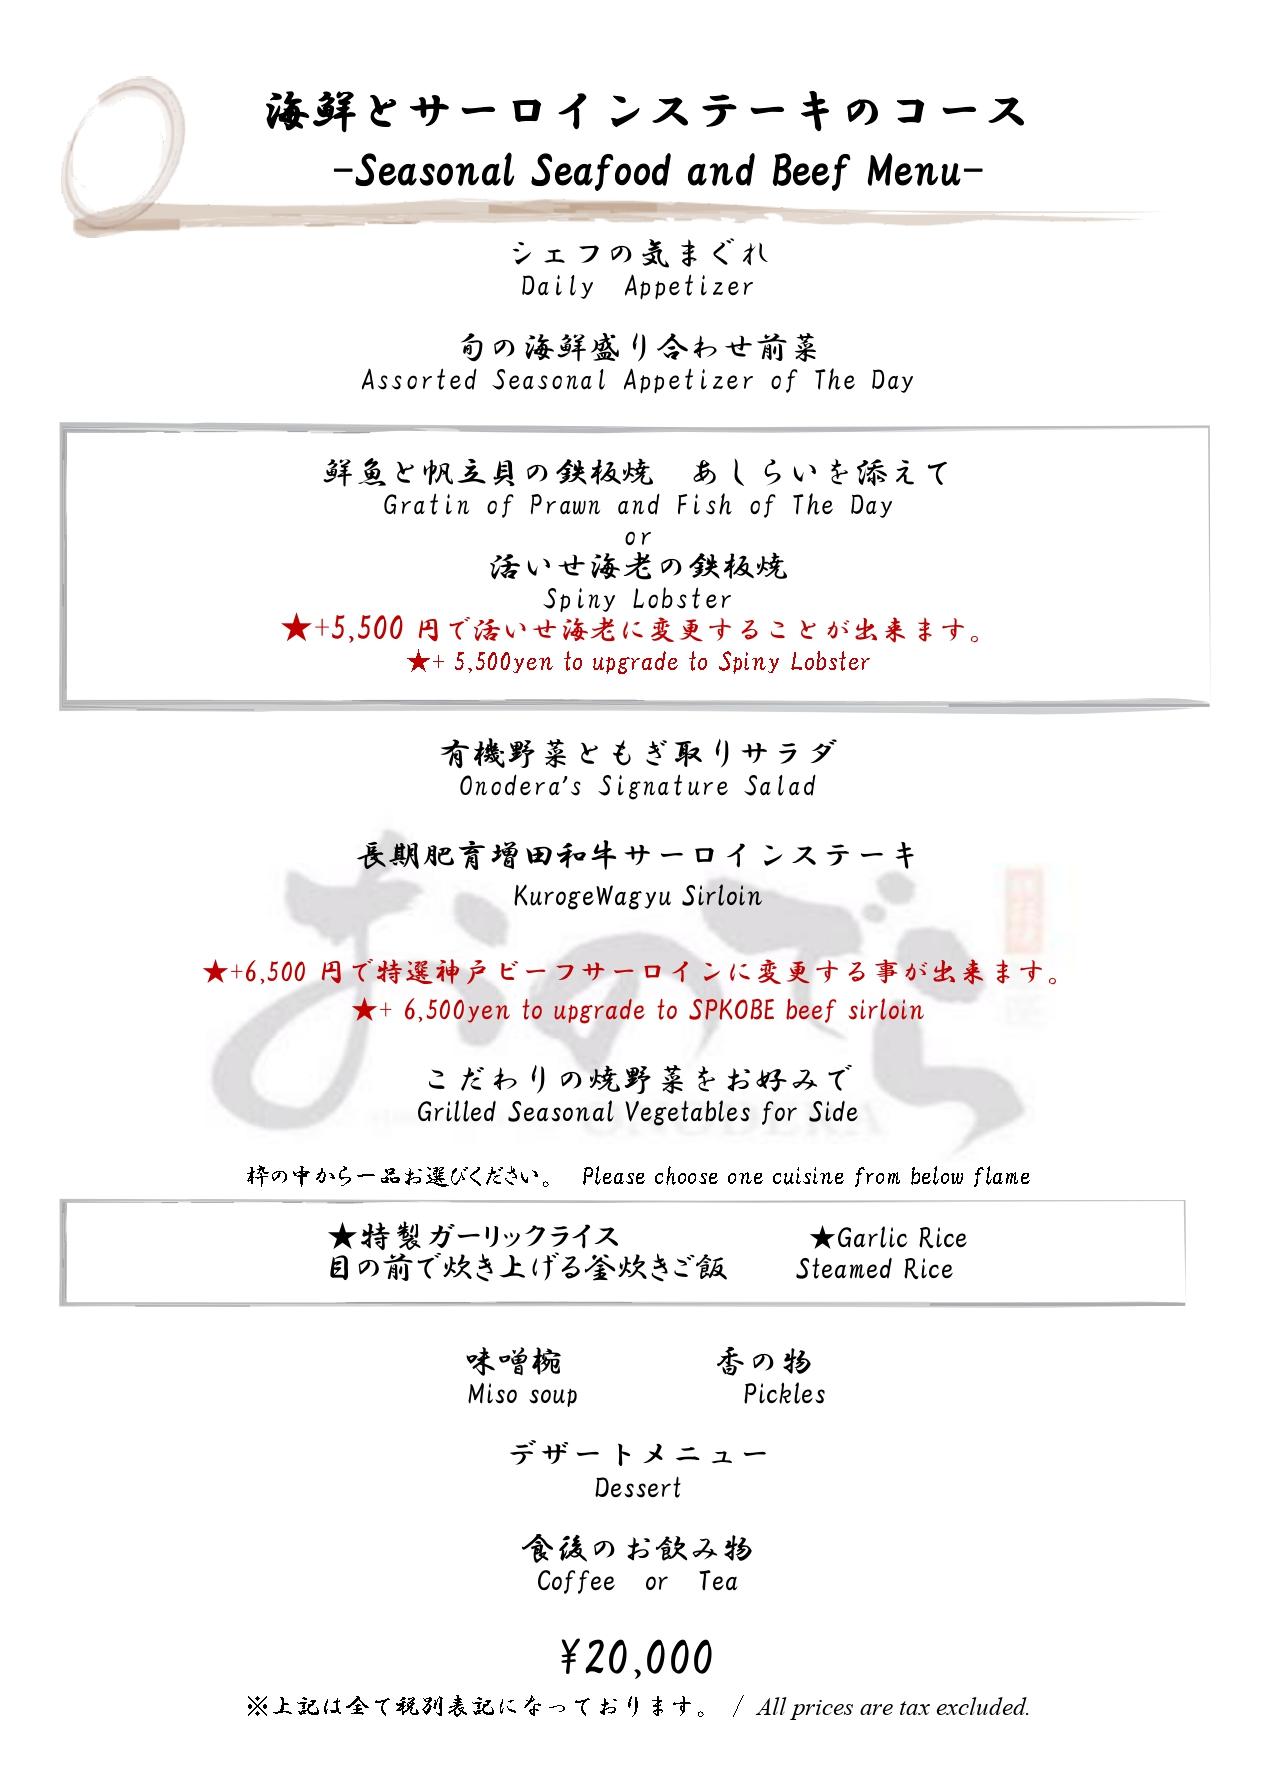 鉄板焼 [銀座店] ディナーメニュー6